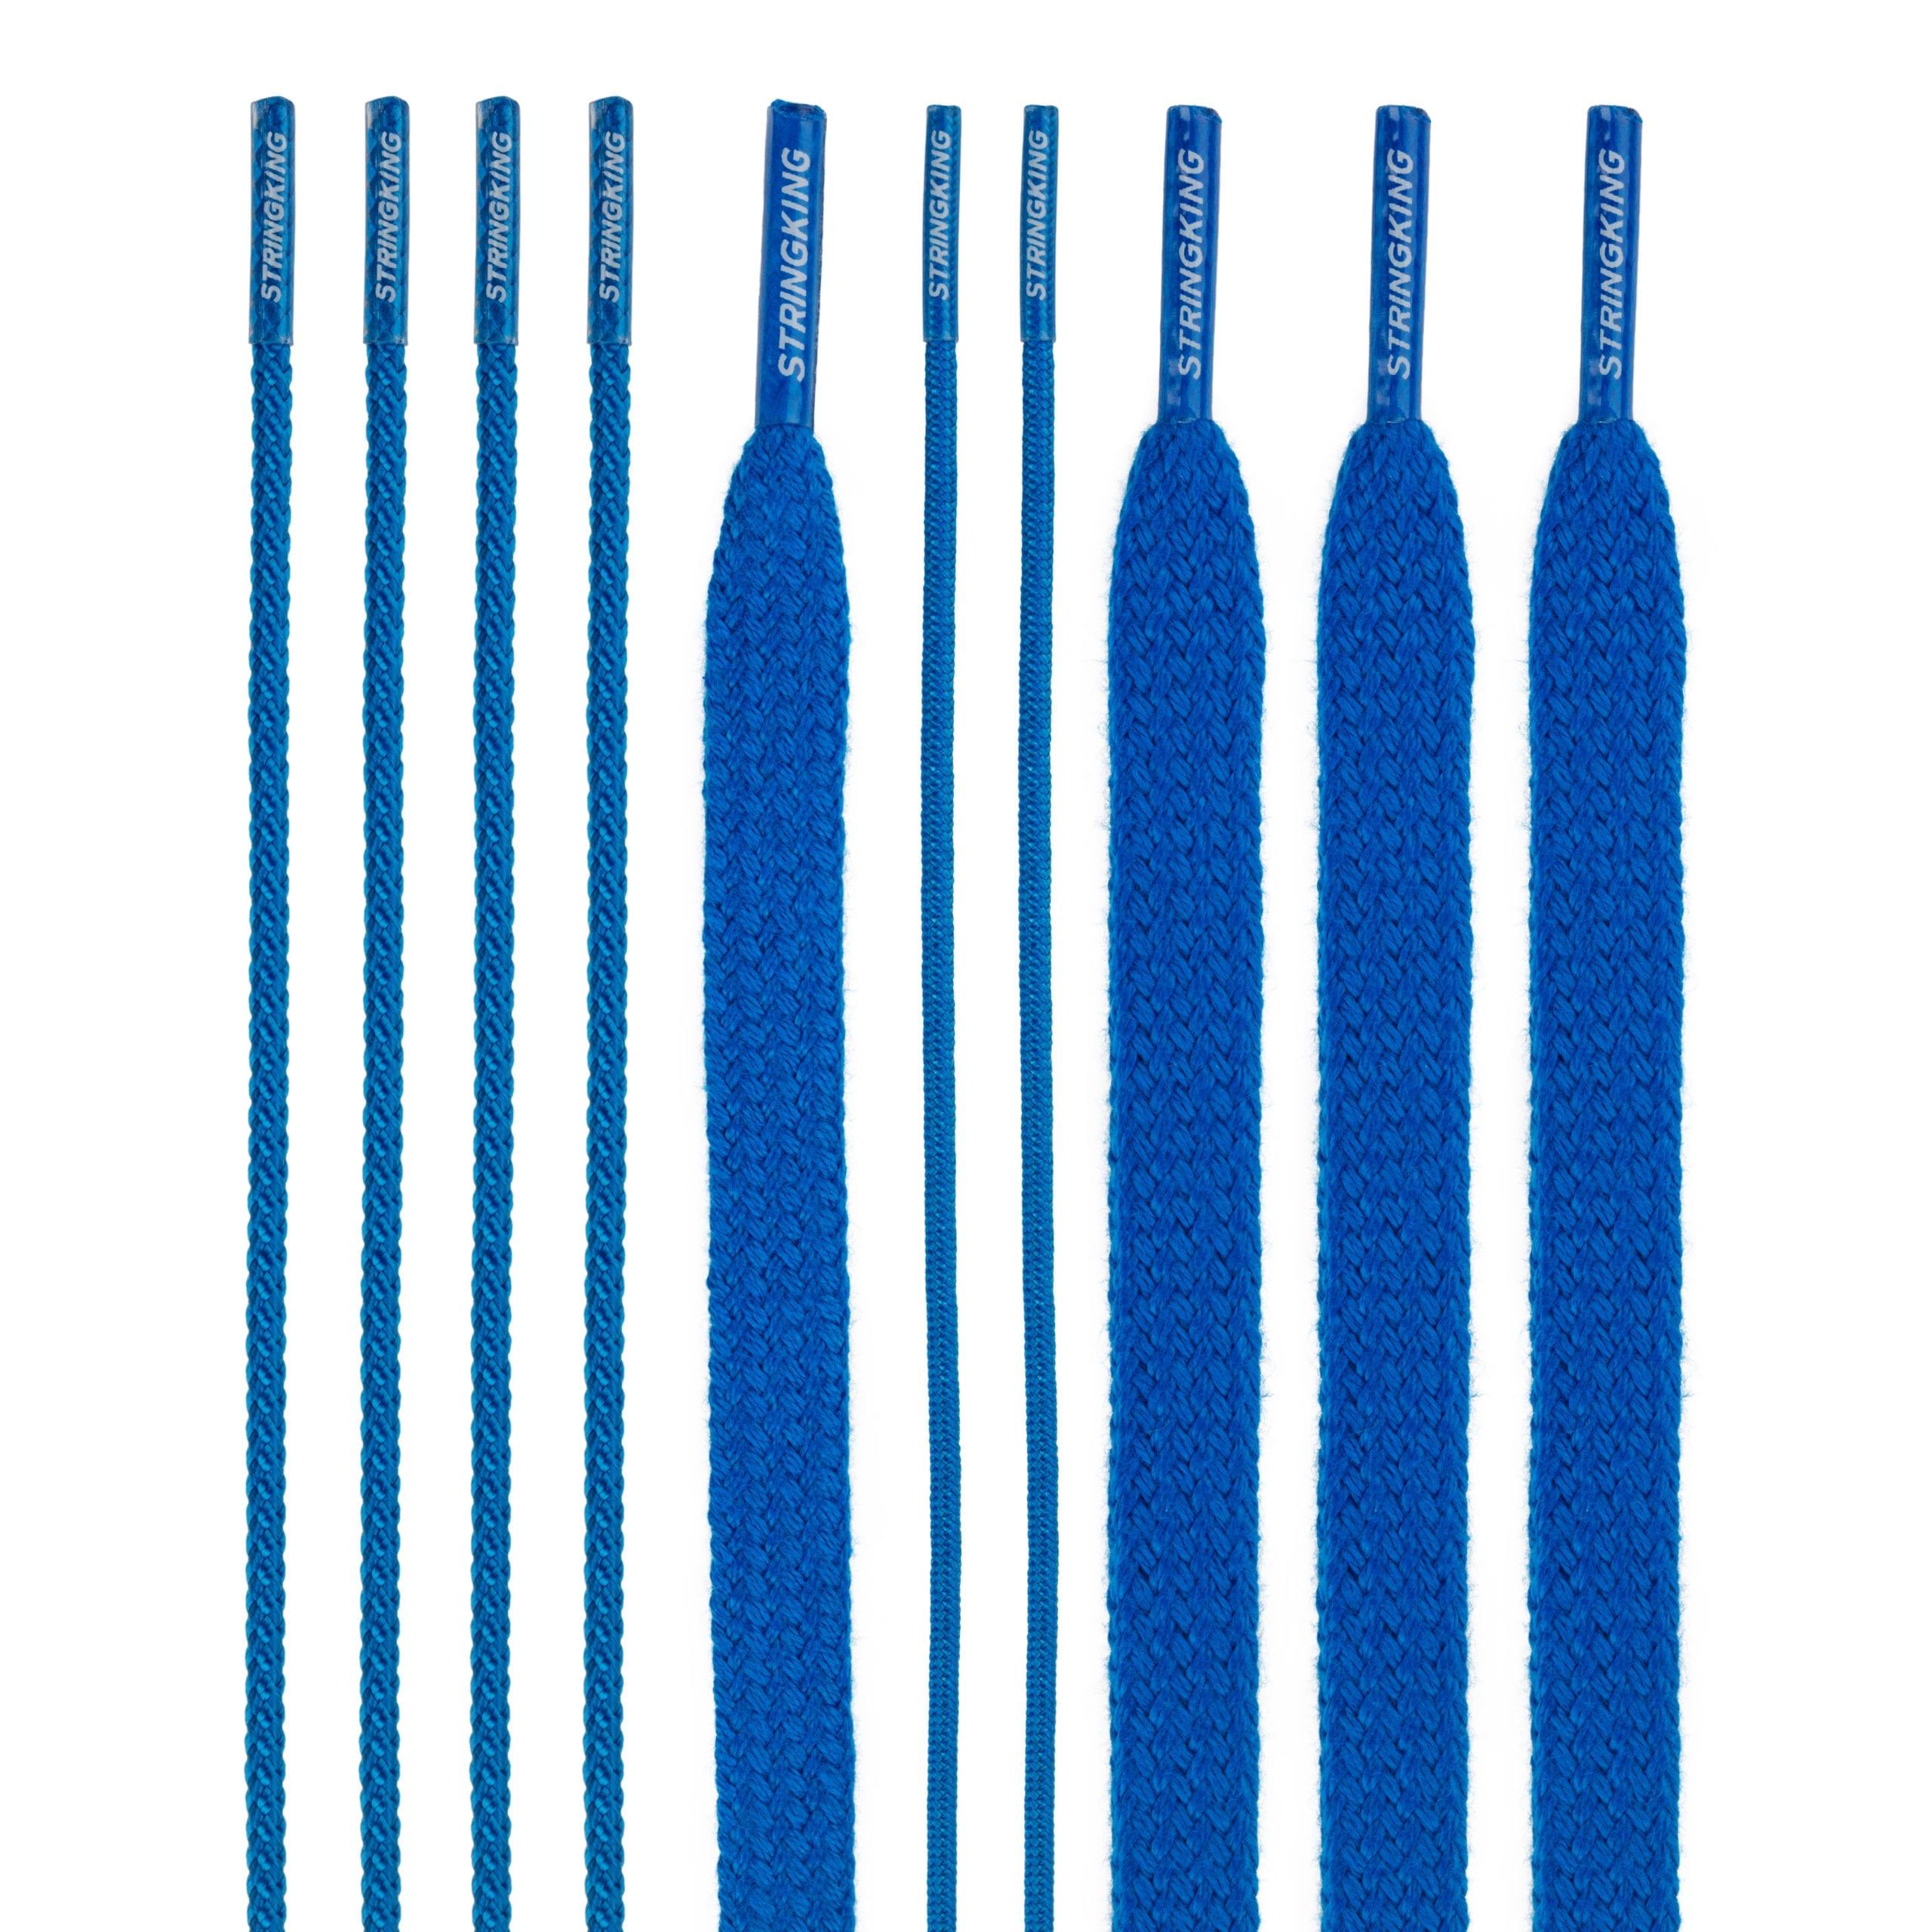 string-kit-BB-retailers-royal-scaled-1.jpg